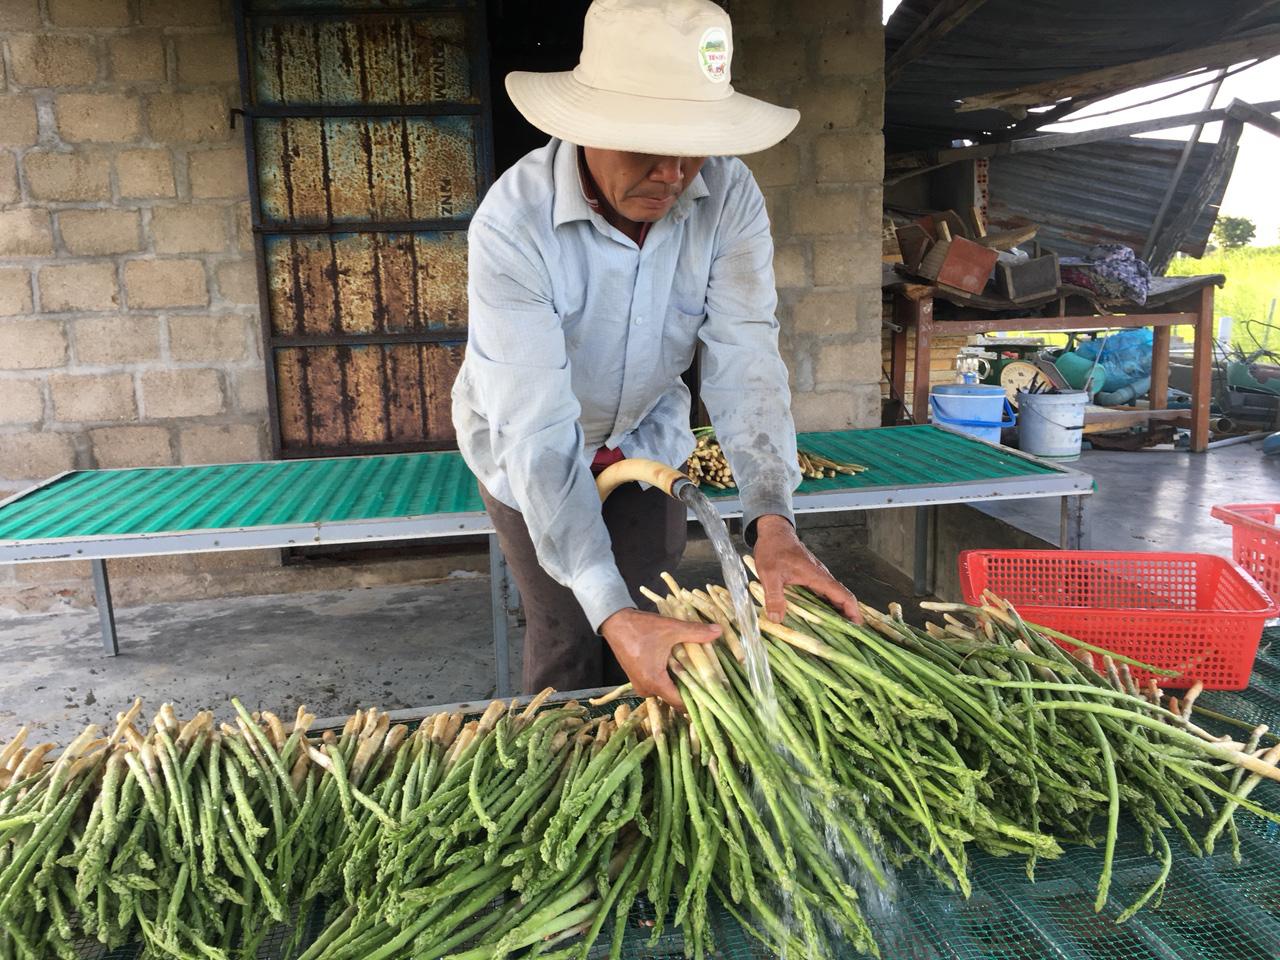 Triển khai thí điểm các mô hình nông nghiệp - Ảnh 2.